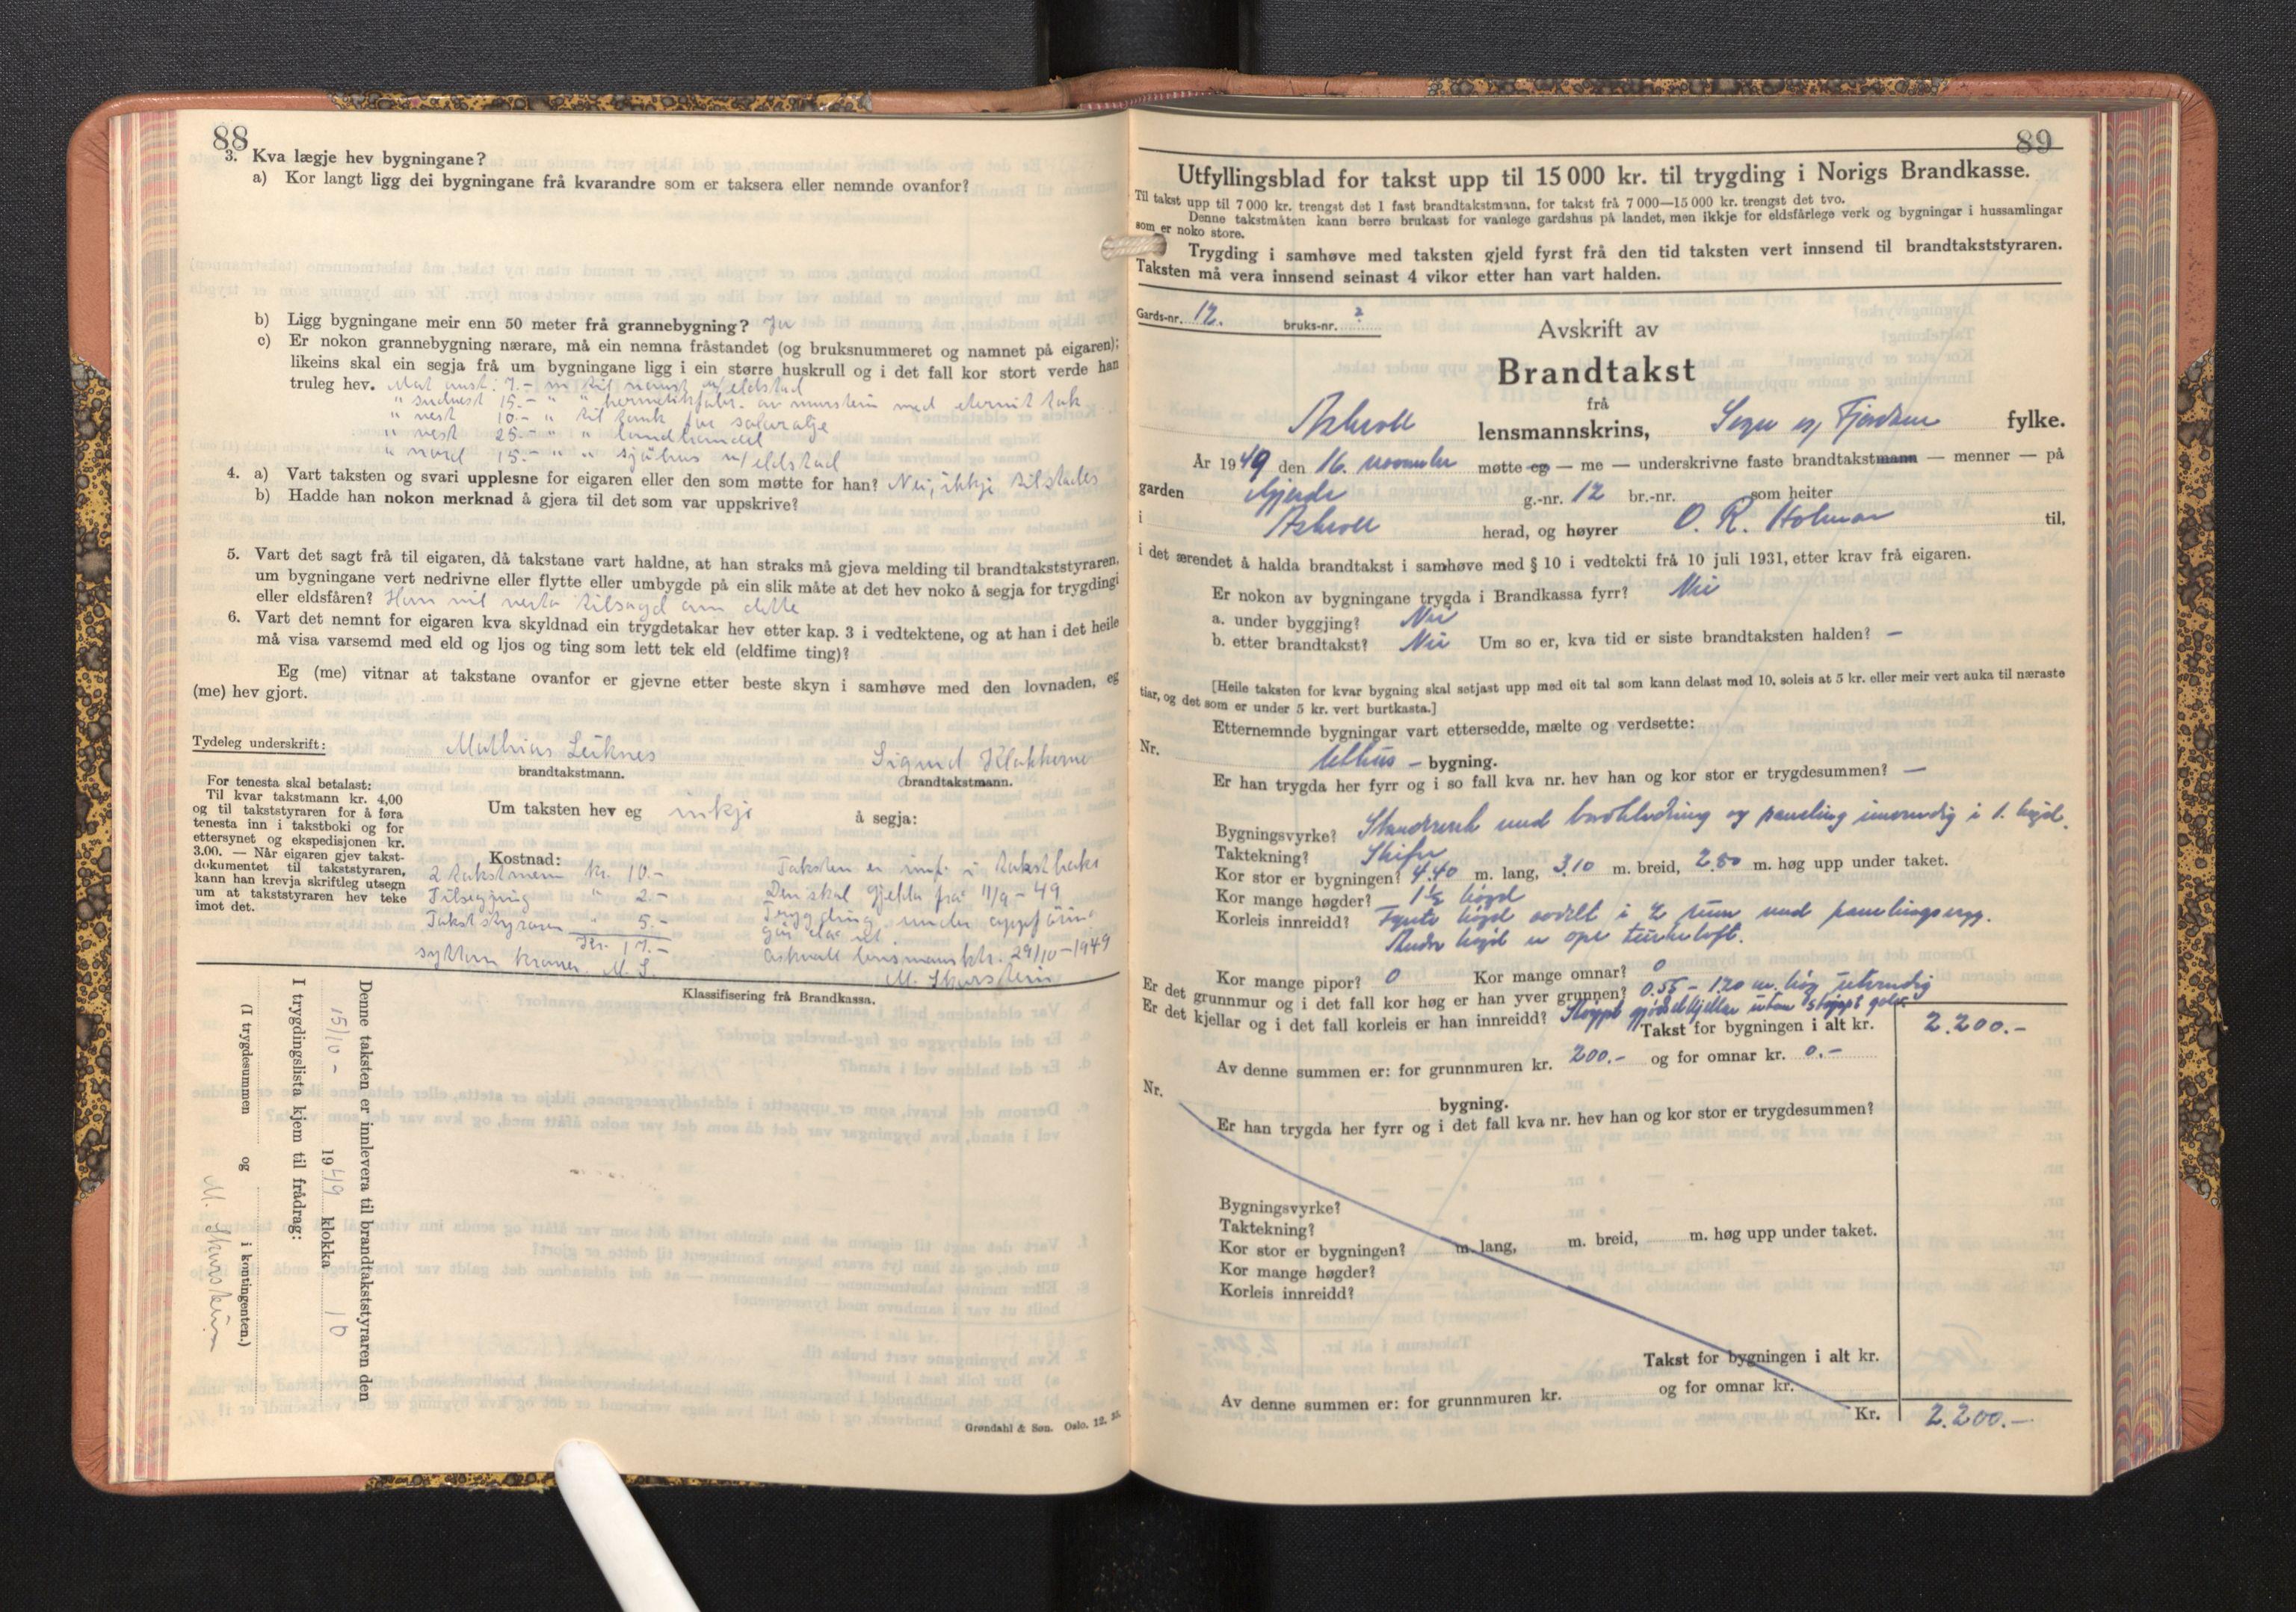 SAB, Lensmannen i Askvoll, 0012/L0005: Branntakstprotokoll, skjematakst, 1940-1949, s. 88-89